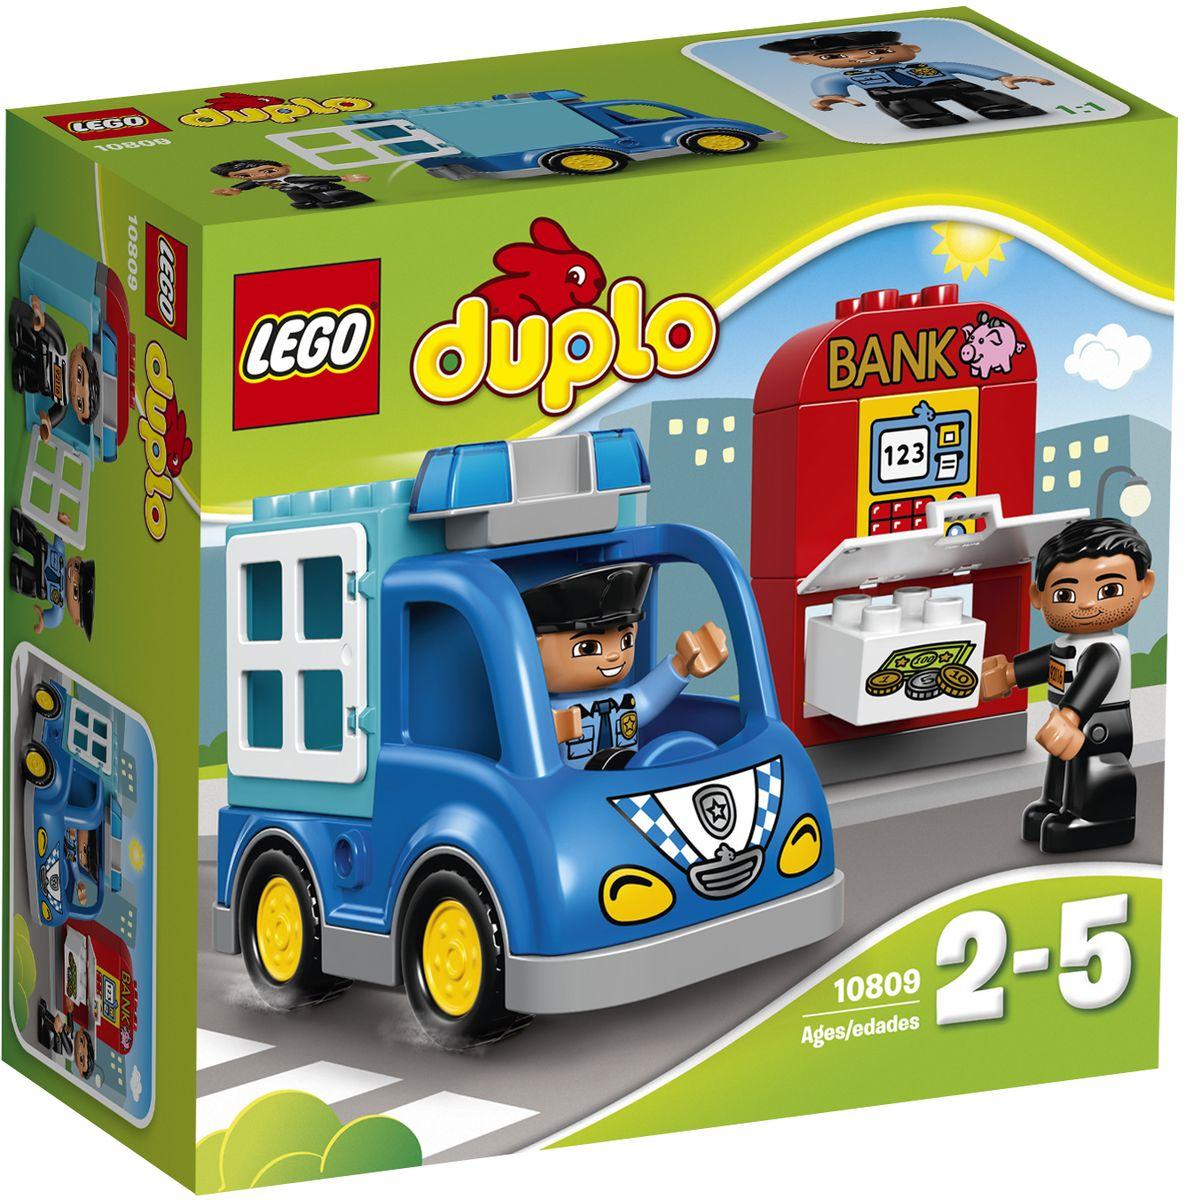 LEGO DUPLO Конструктор Полицейский патруль 10809 lego duplo конструктор гоночный автомобиль 10589